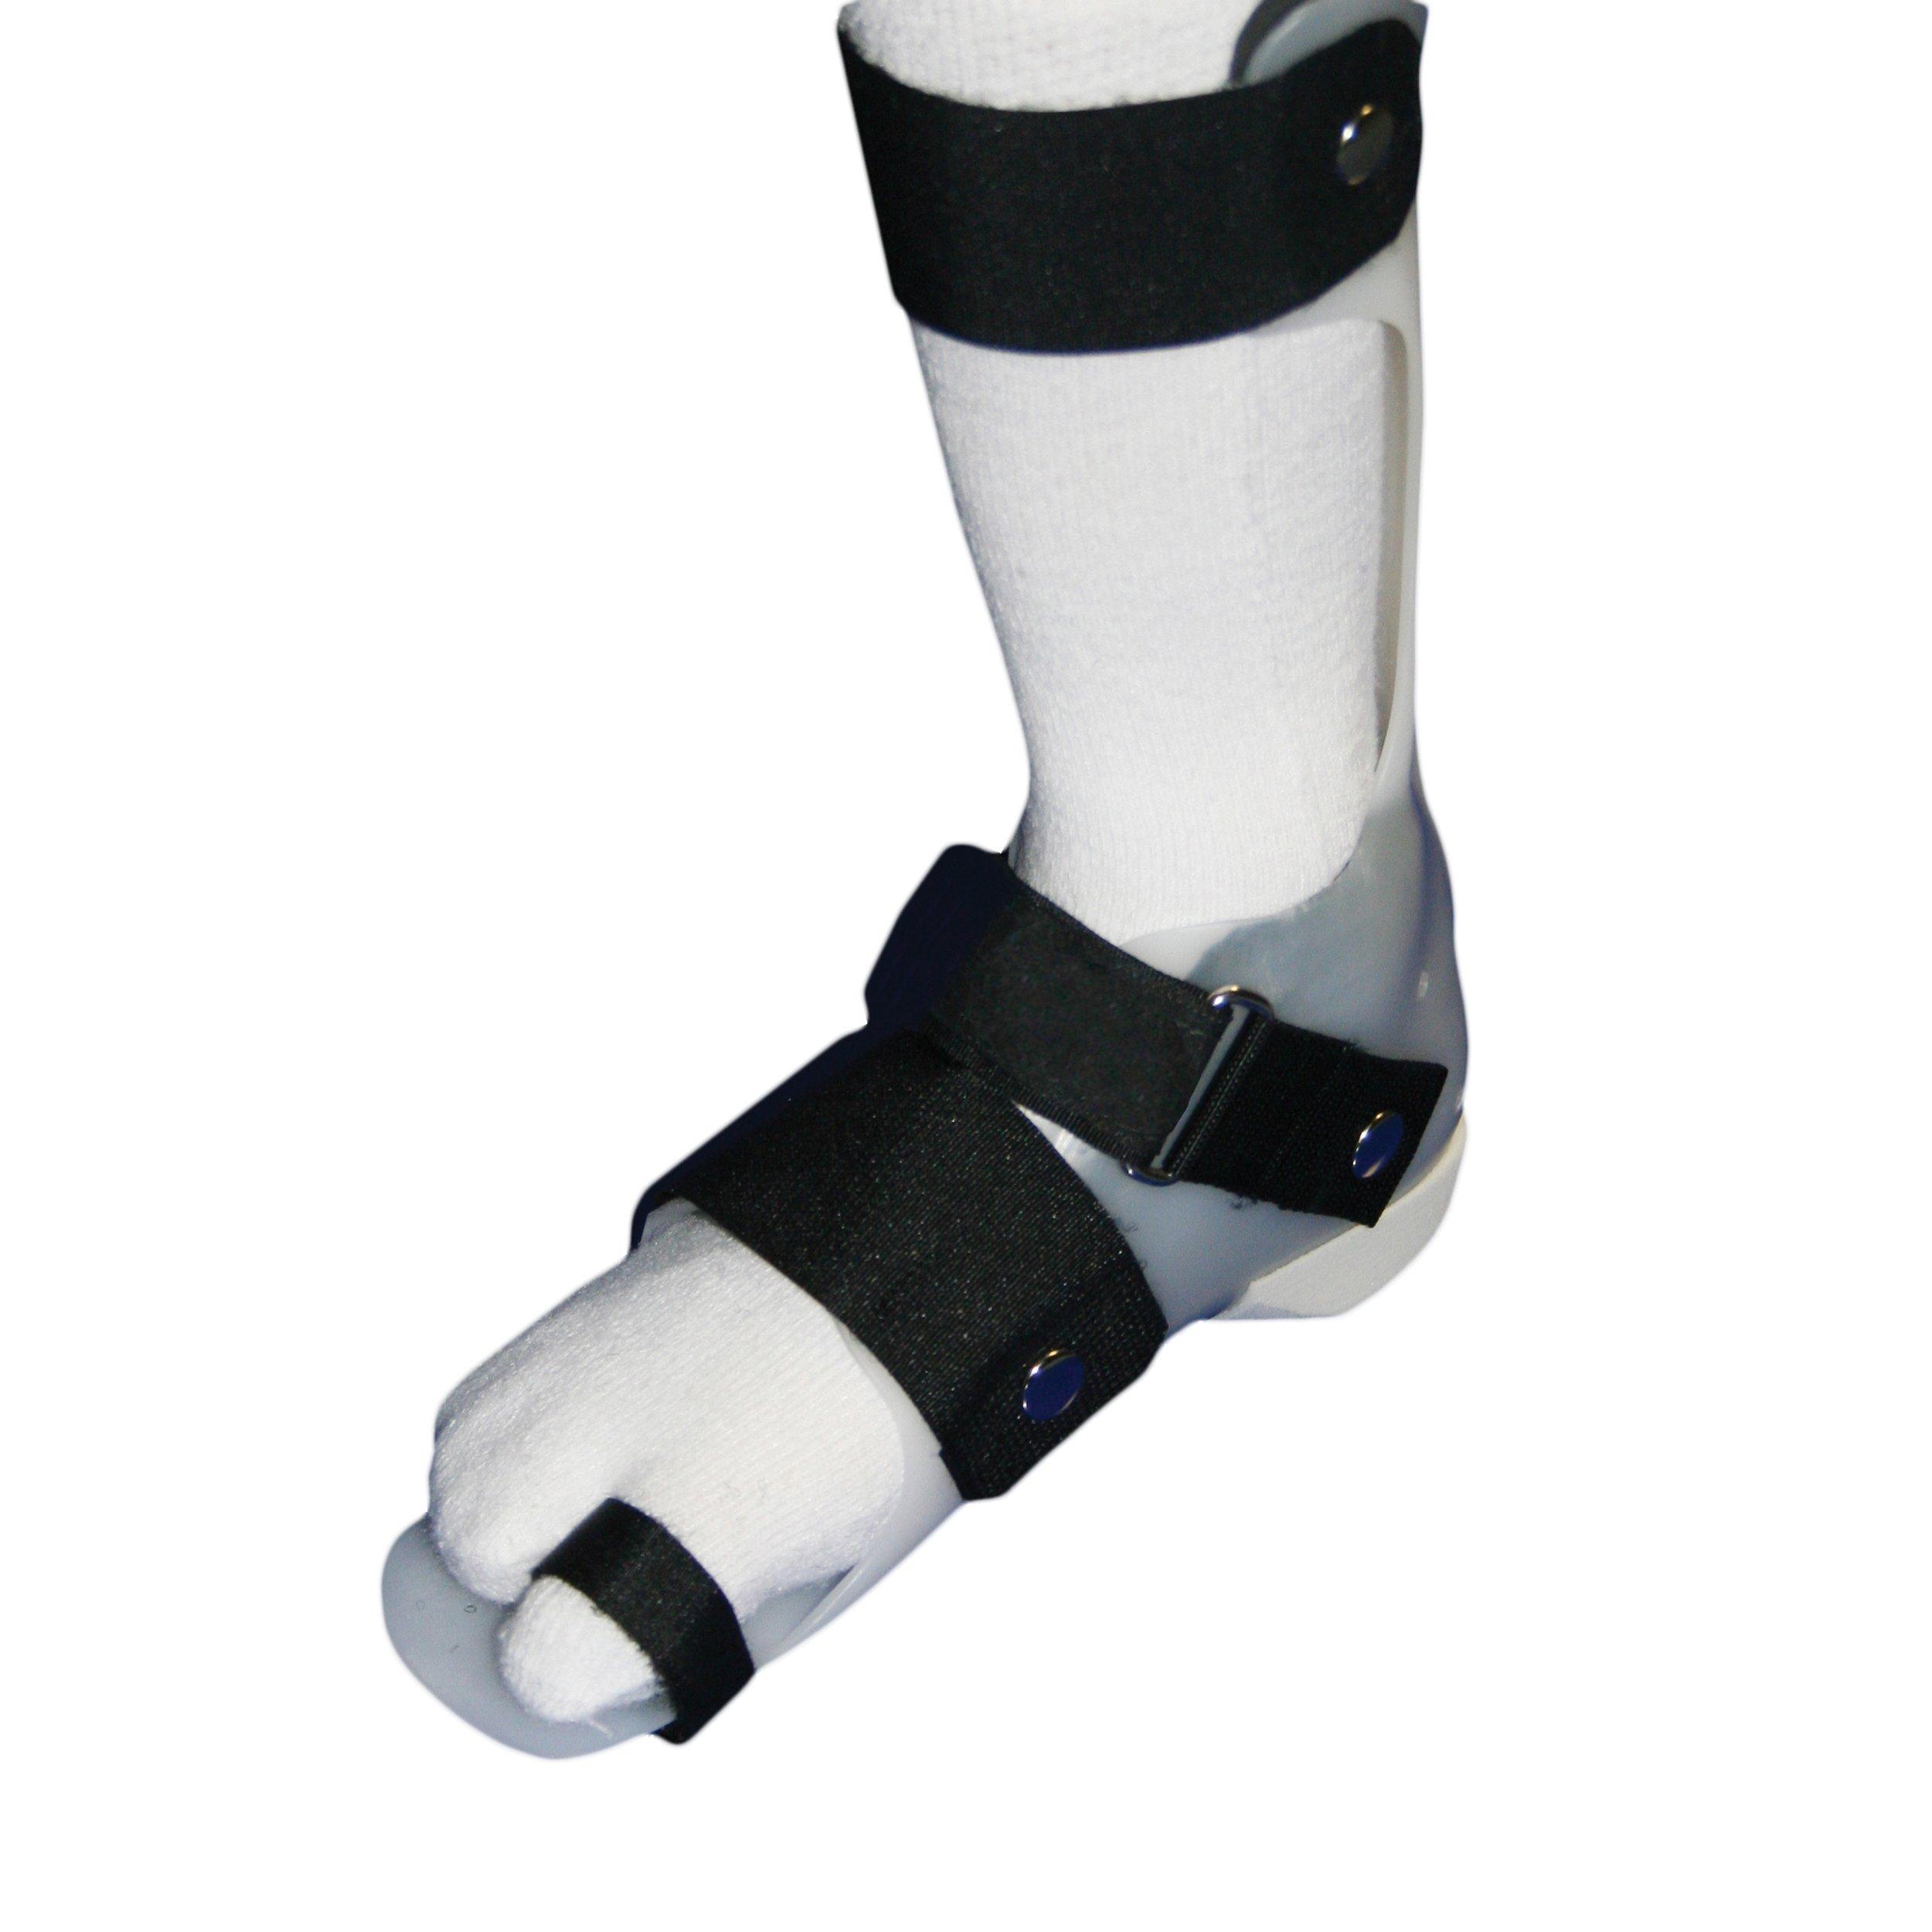 SmartKnit Big Toe AFO Socks - Child Small - Black